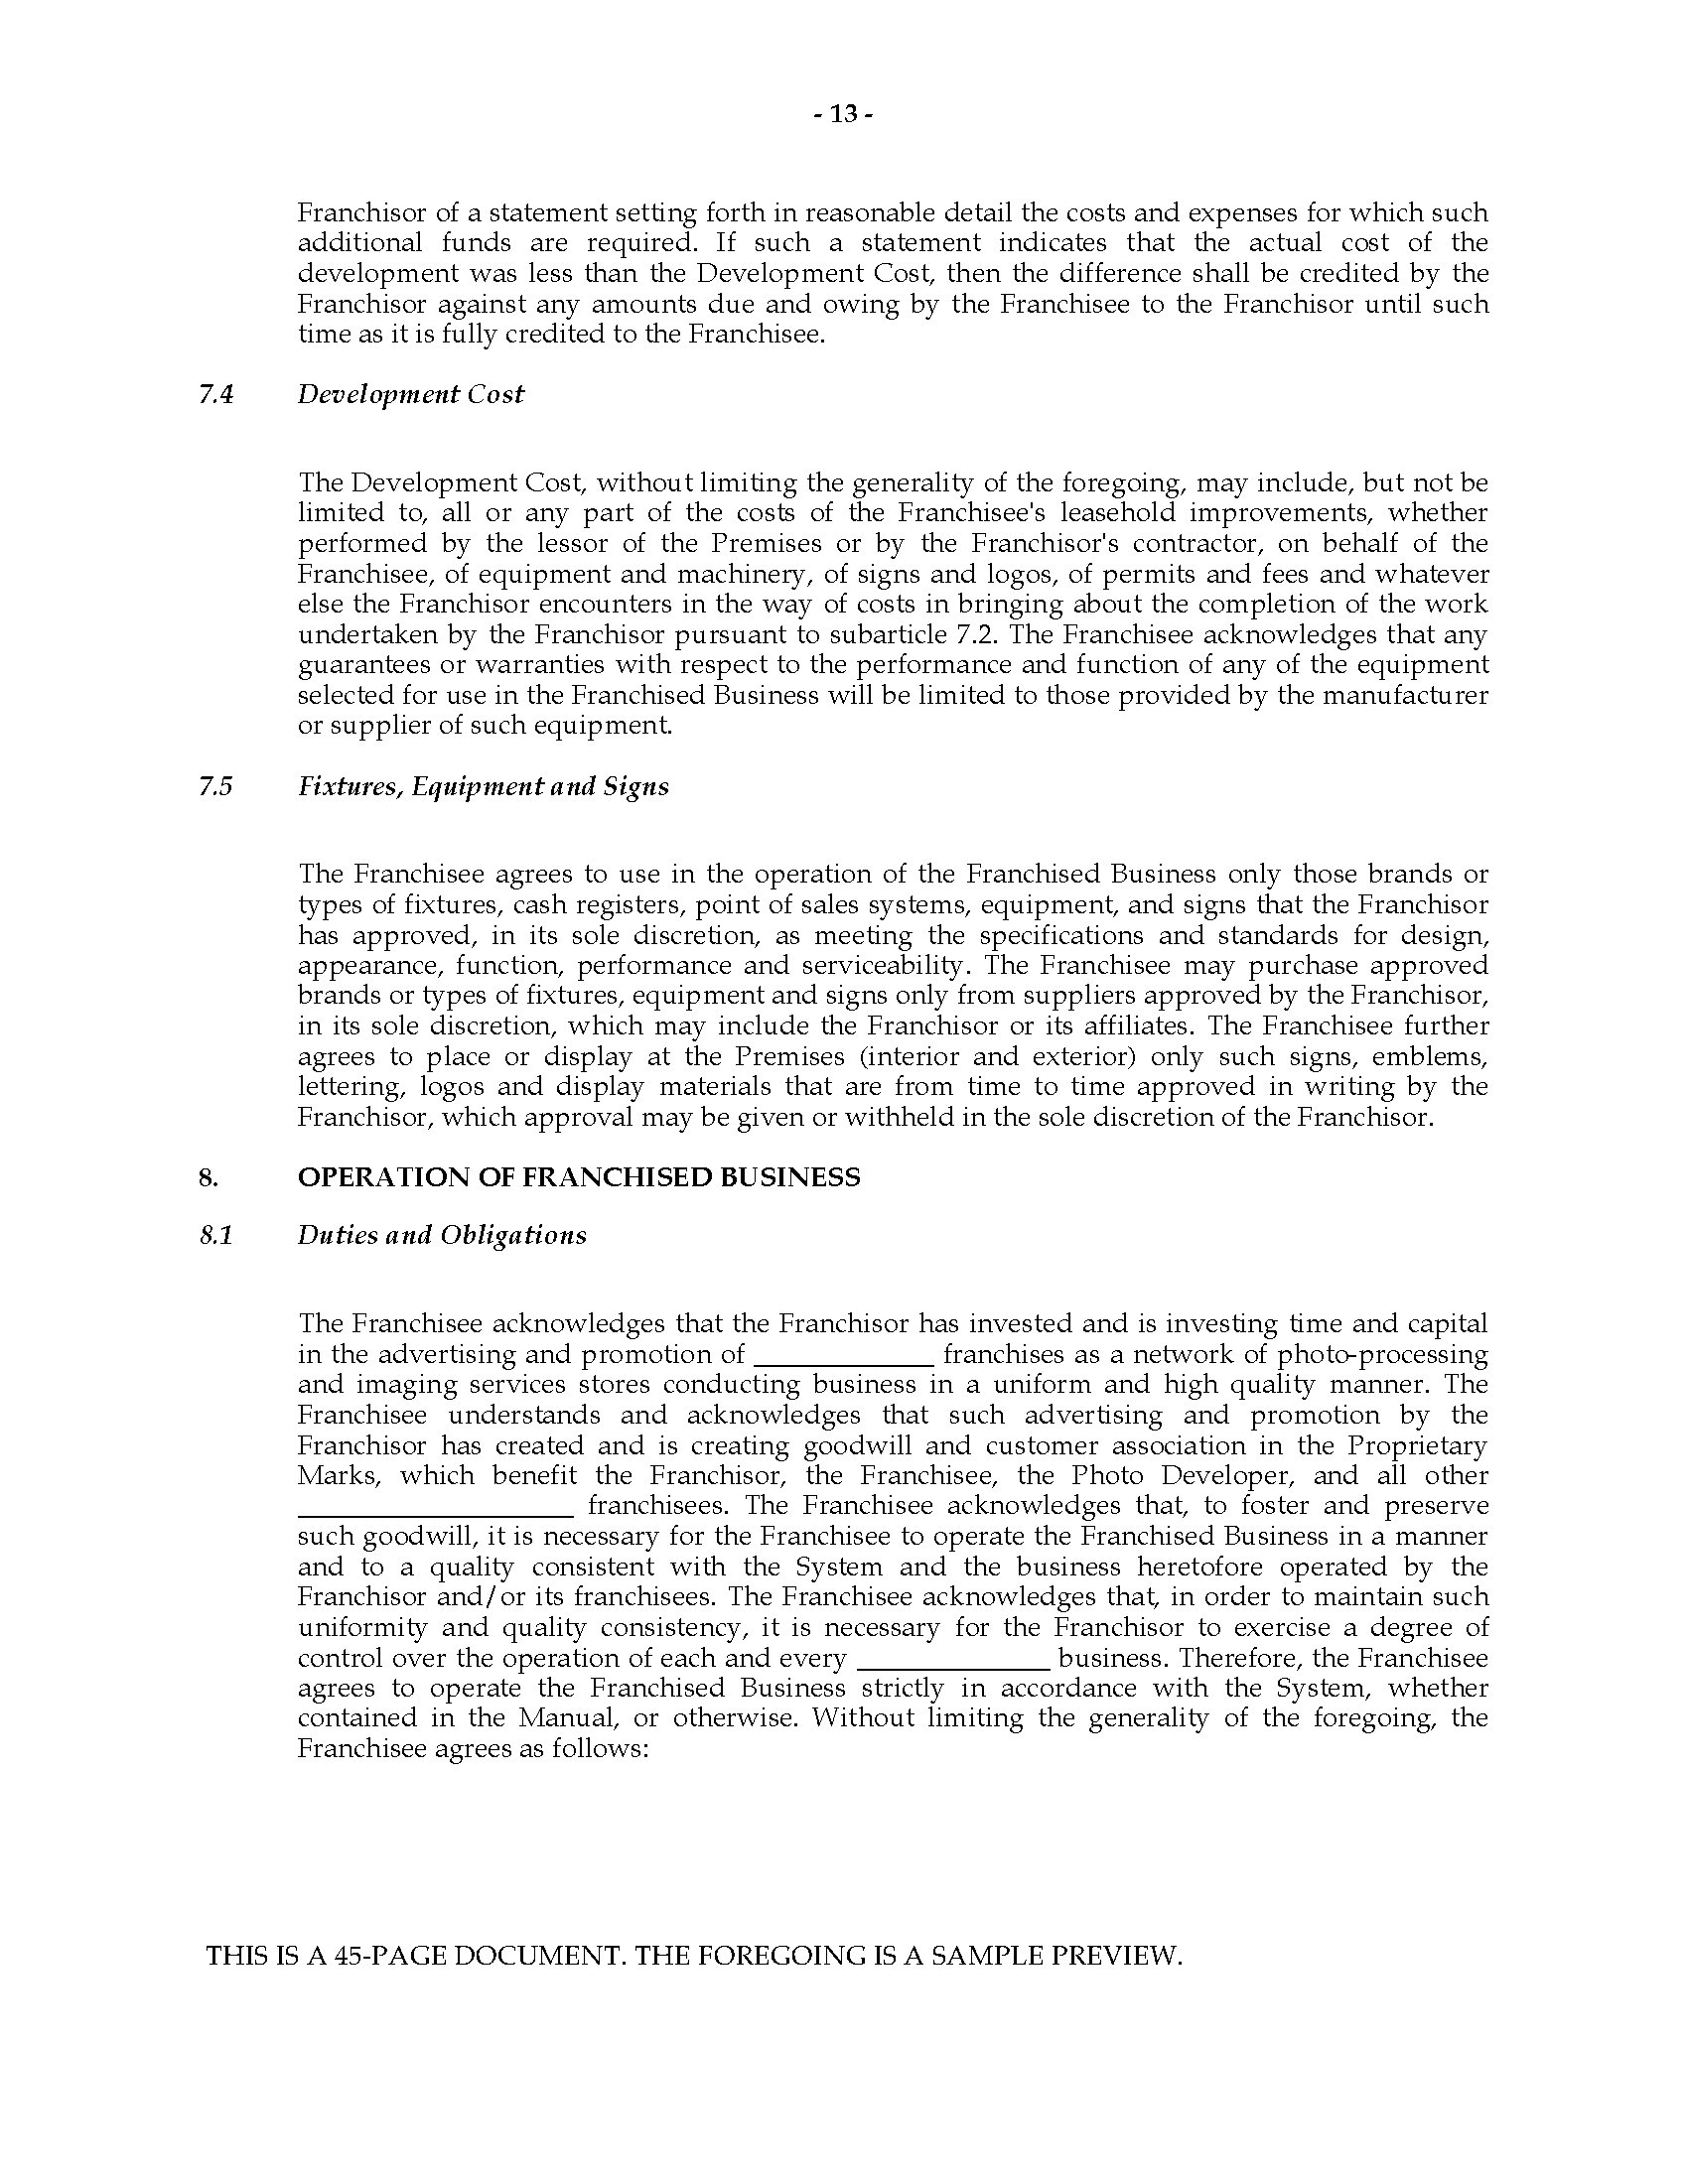 Alberta Franchise Agreement for Developer